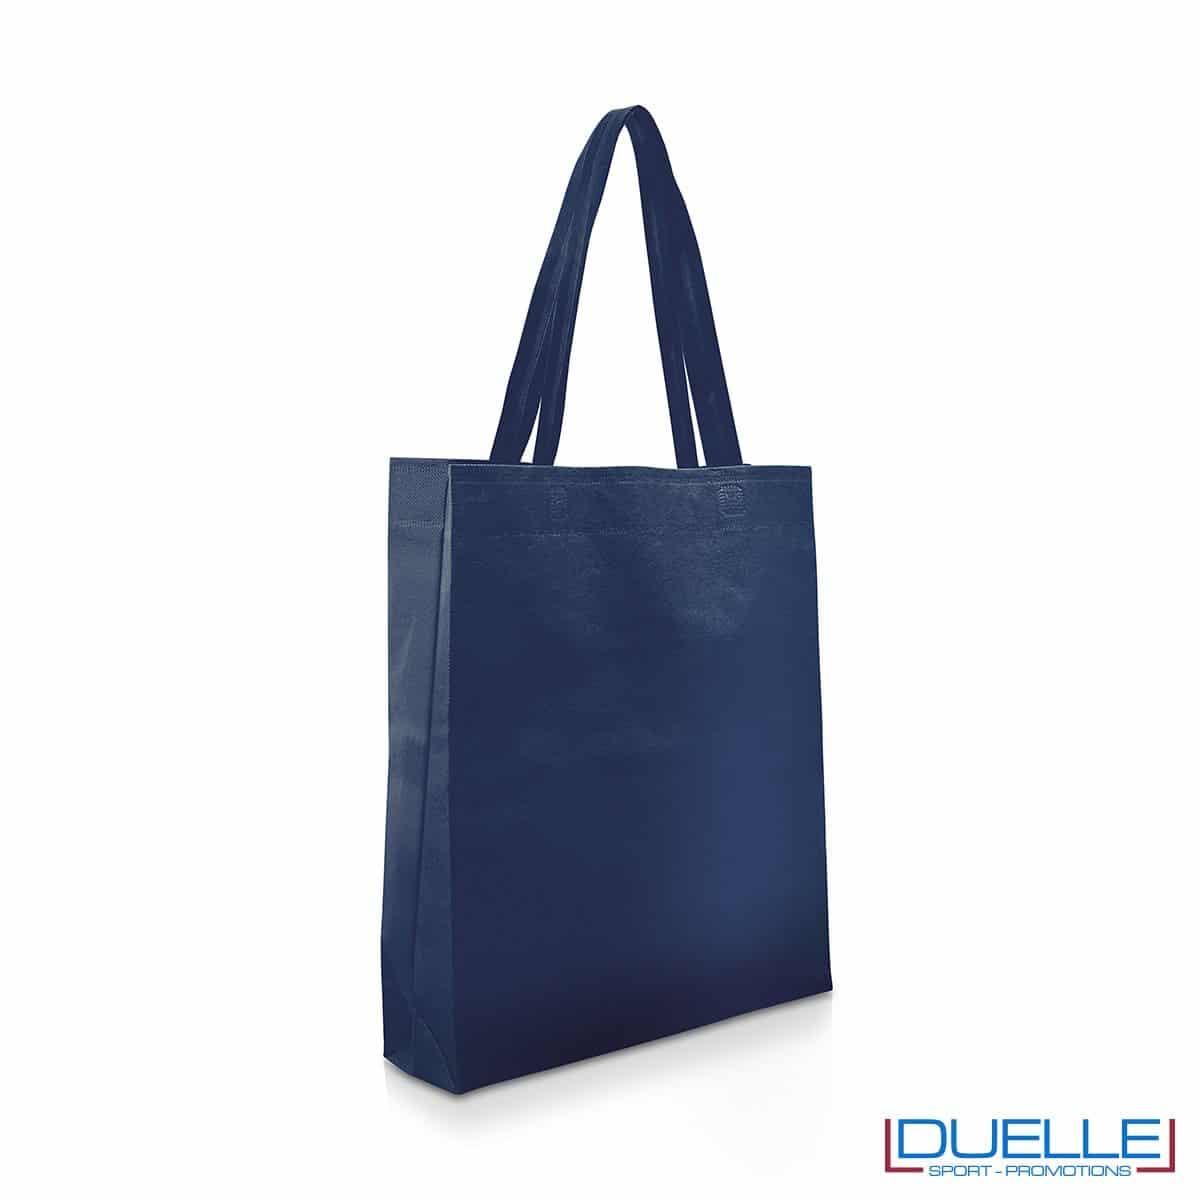 Shopper personalizzabile in TNT colore blu navy